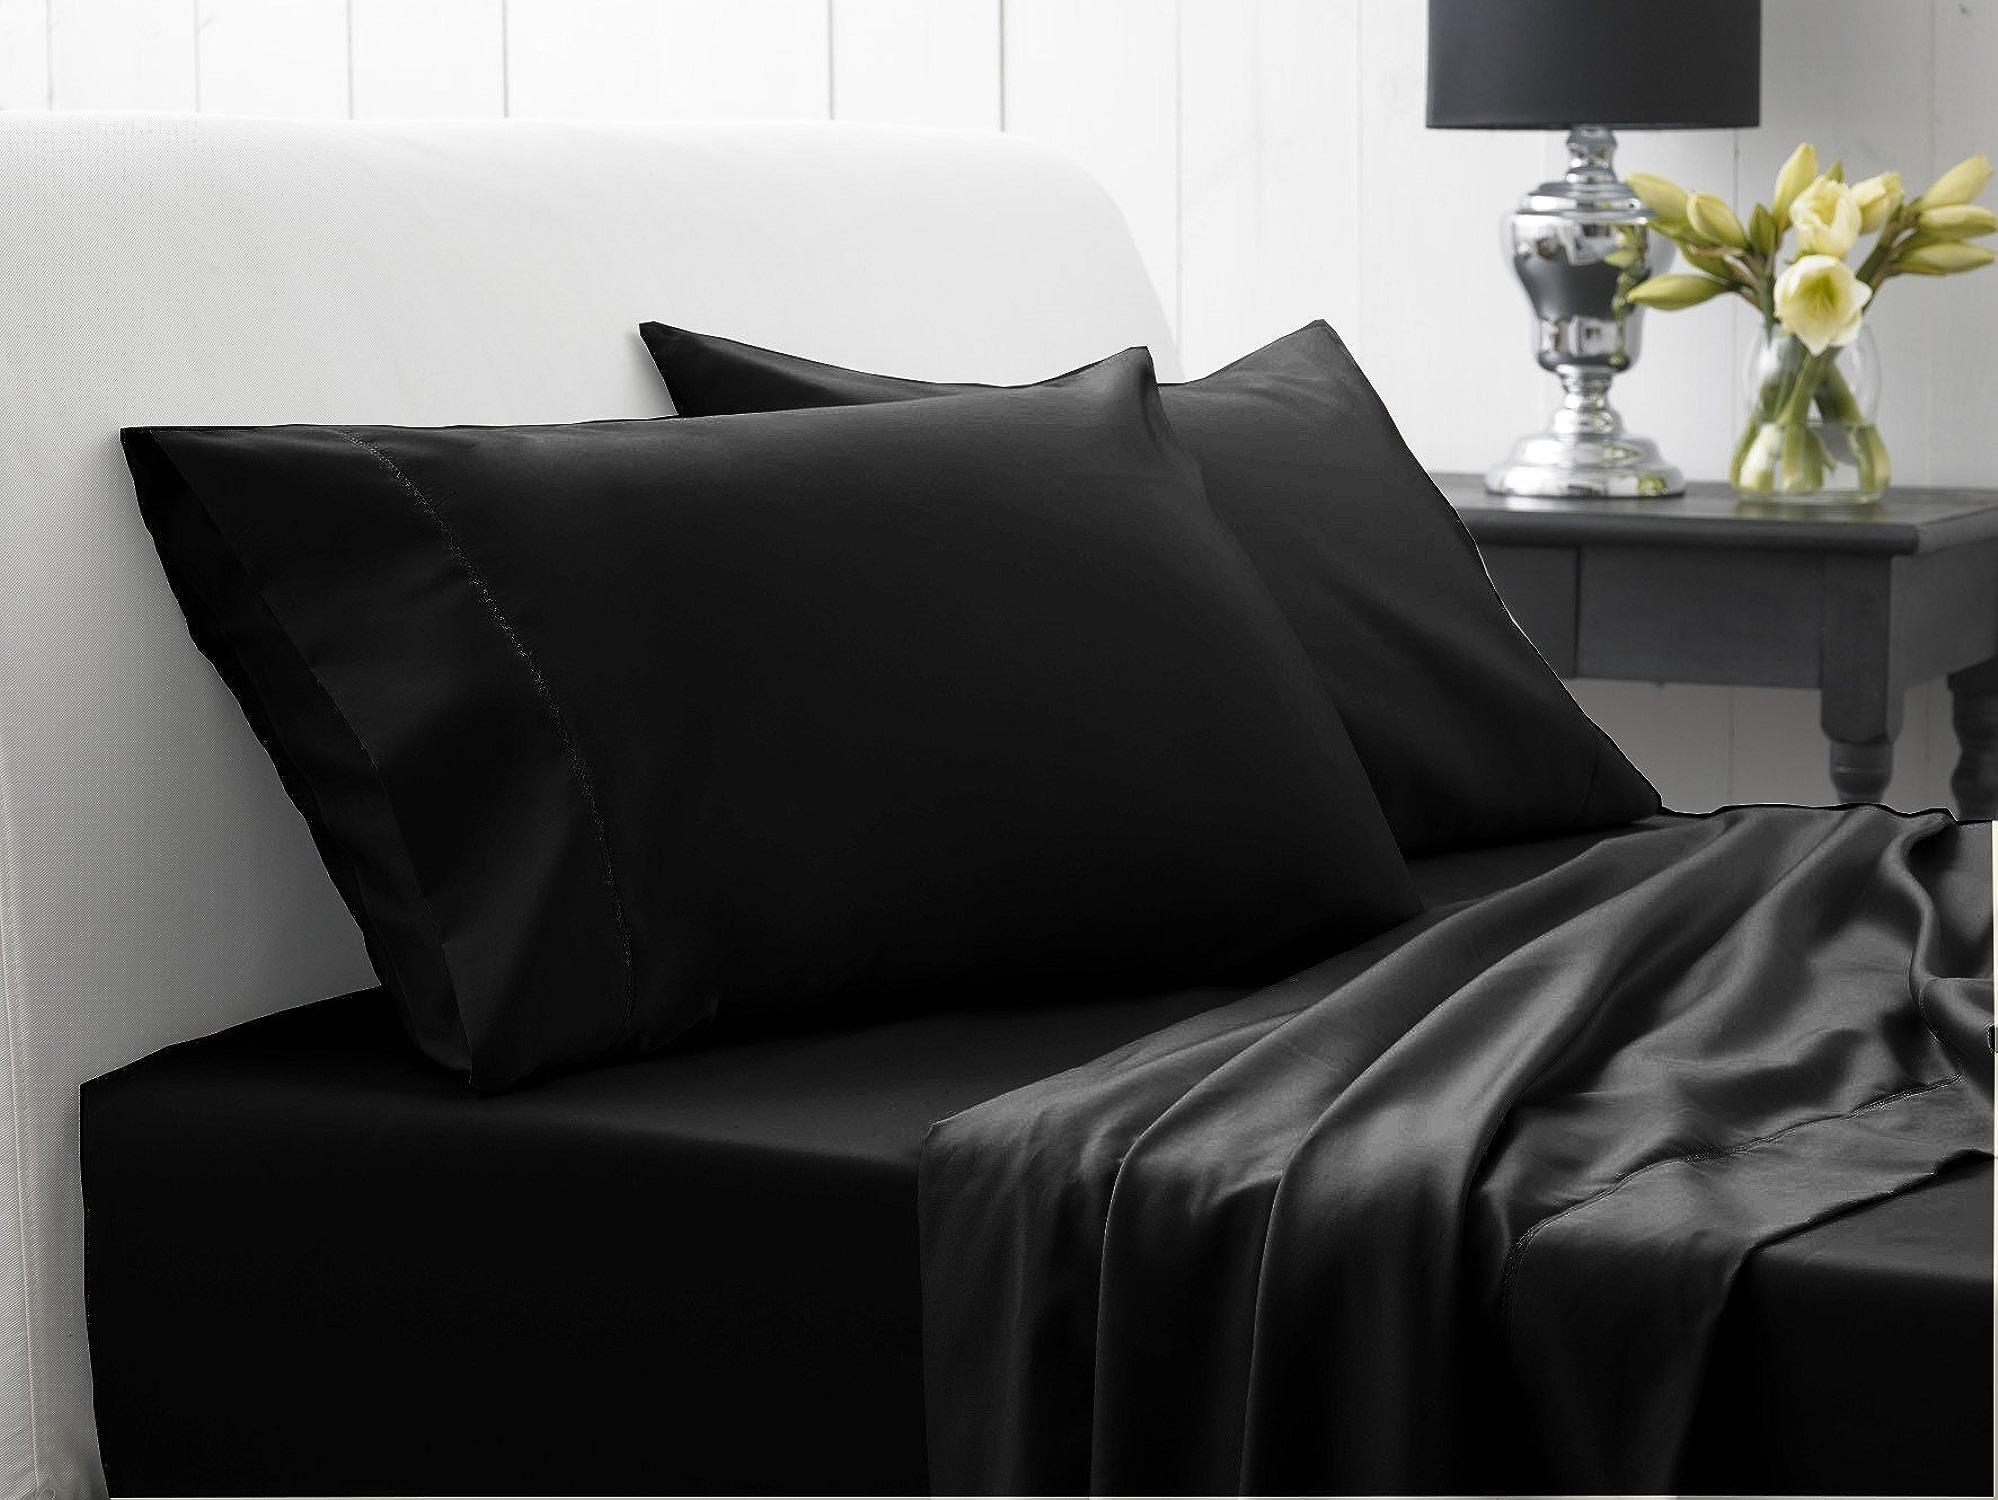 Dreamz lit 250 fils Living Lit poche (Profondeur    21 cm Noir Euro Plus S simple solide 100%  coton égypcravaten